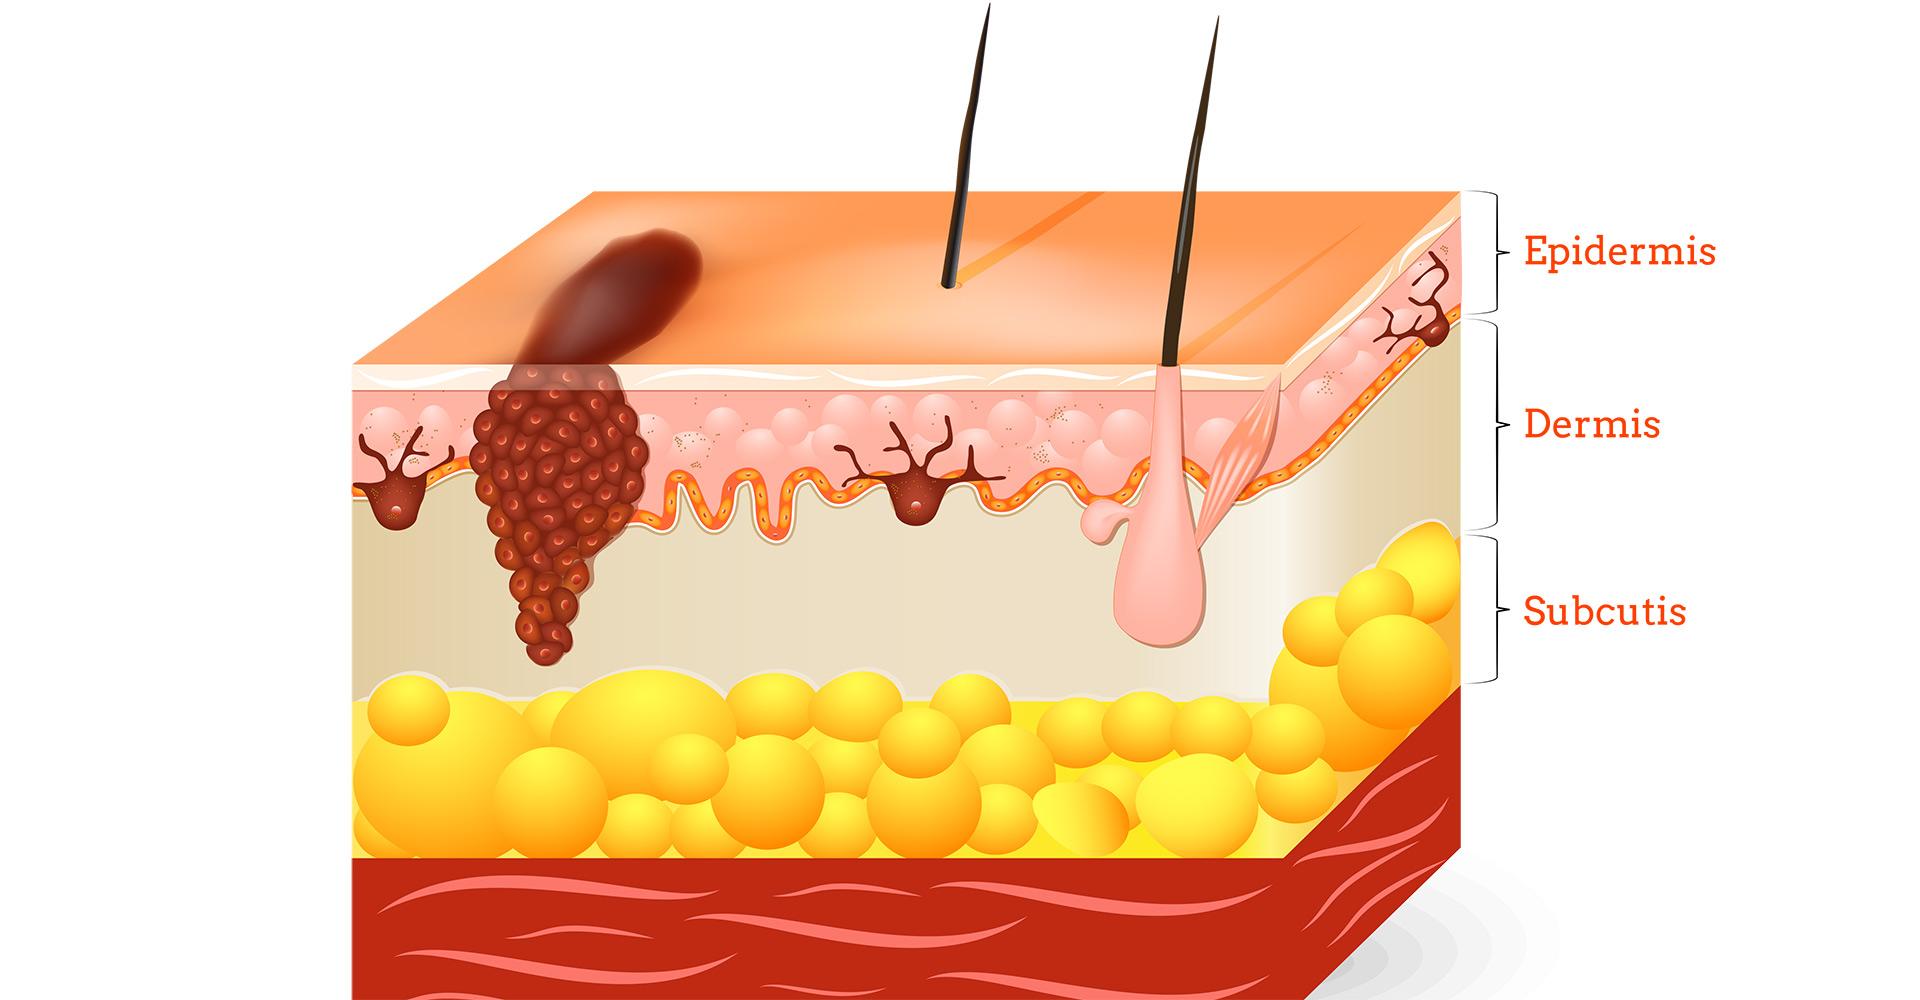 LKZ Aufbau der Haut